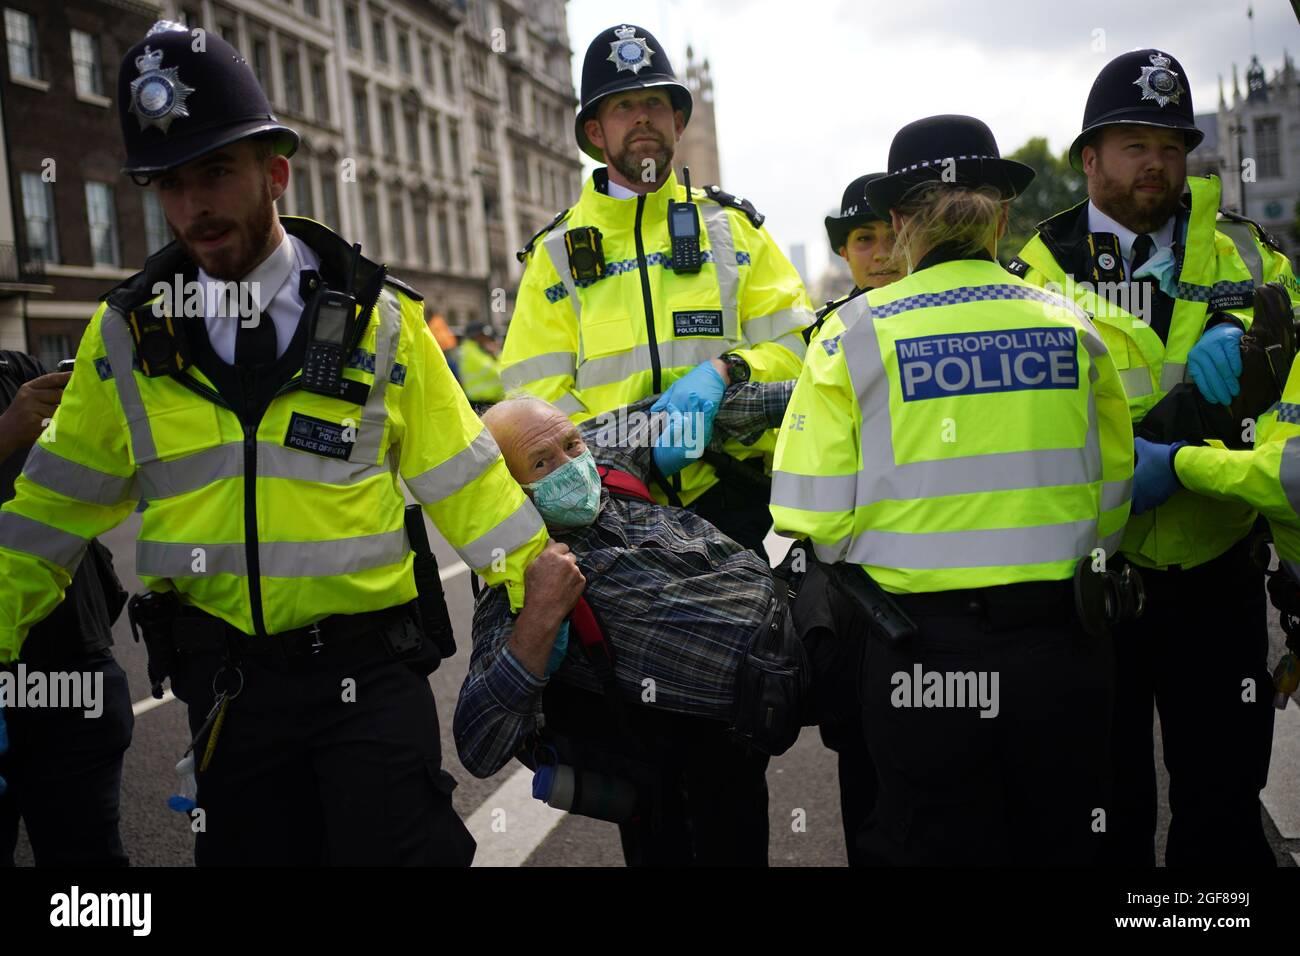 La polizia porta via un dimostratore durante una protesta da parte dei membri della ribellione di estinzione a Whitehall, nel centro di Londra. Data foto: Martedì 24 agosto 2021. Foto Stock